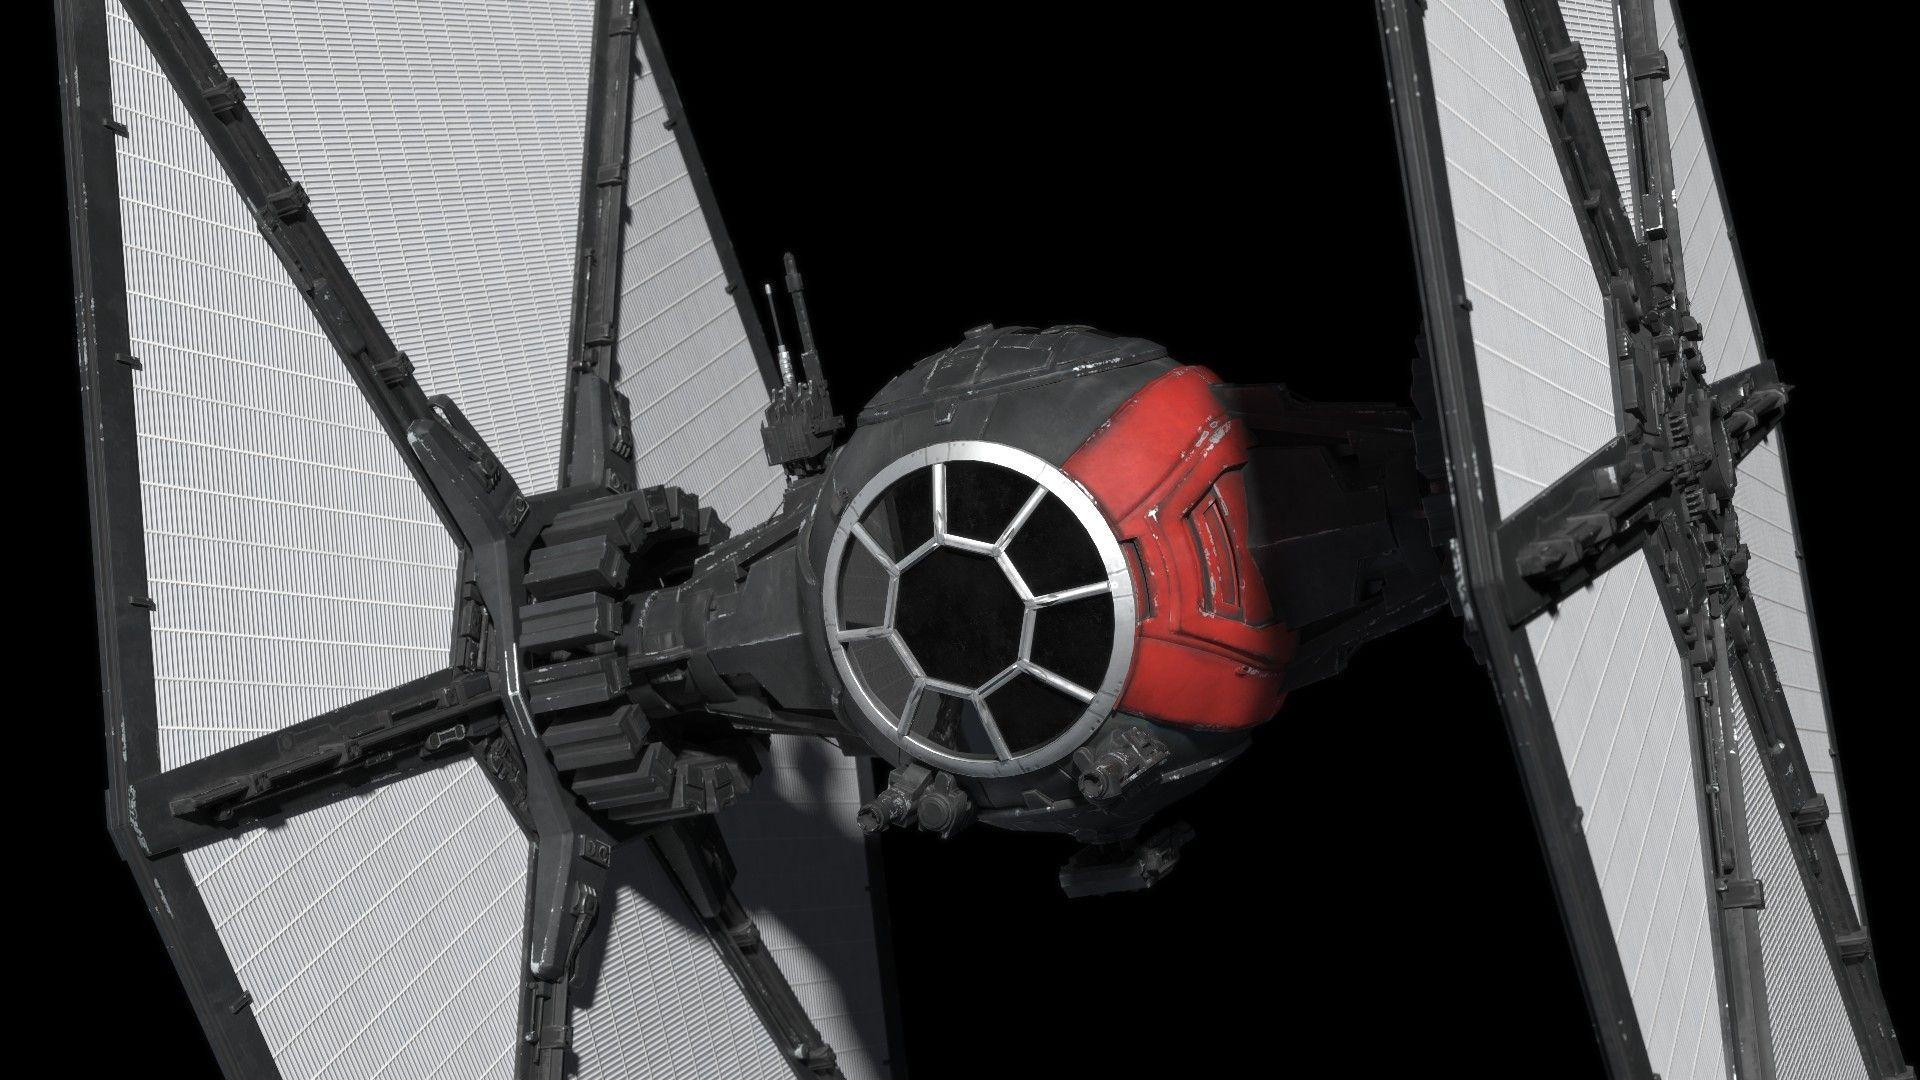 Star Wars First Order Tie Fighter Wallpaper